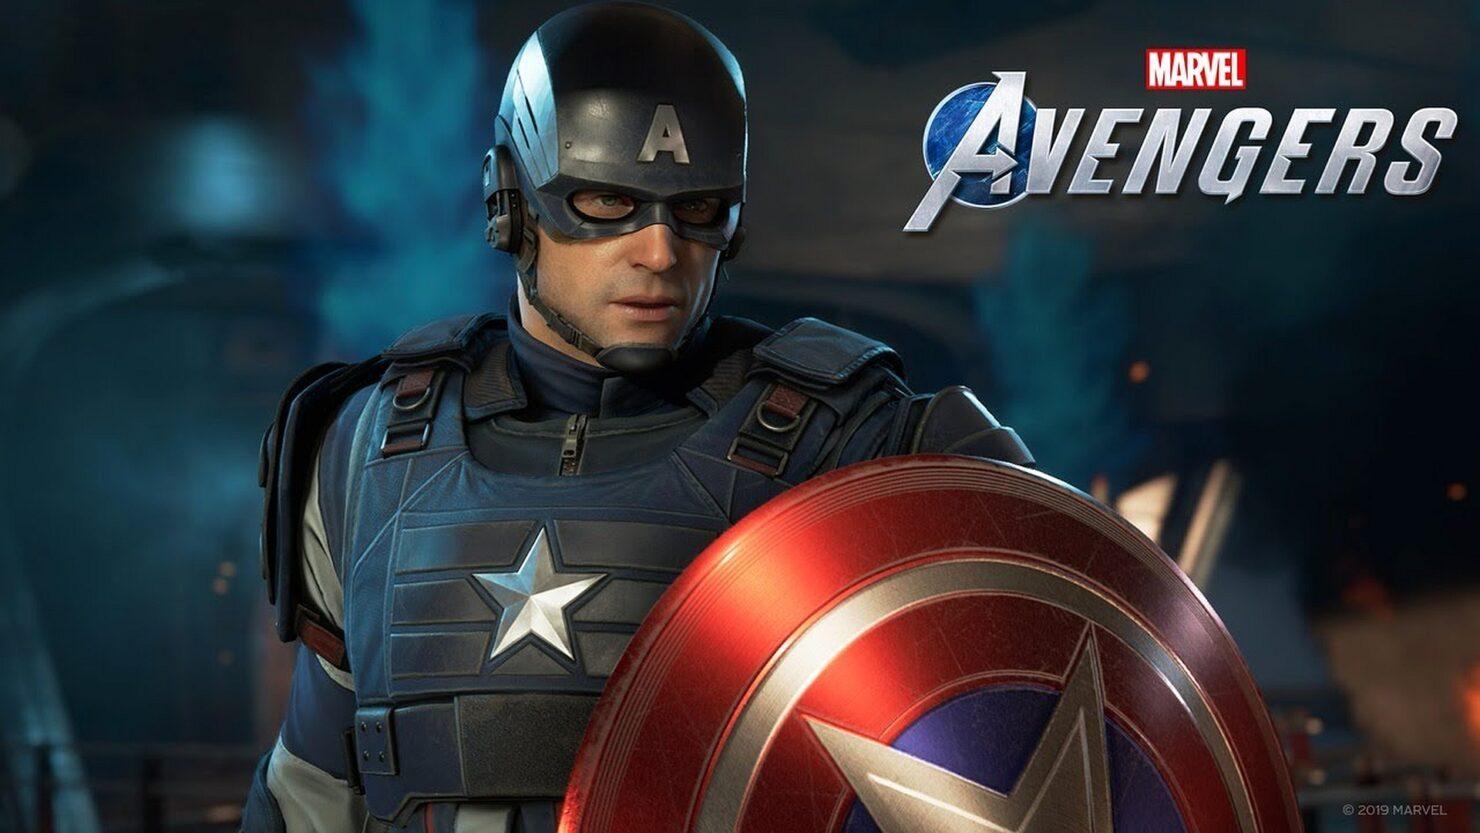 Avengers main story length